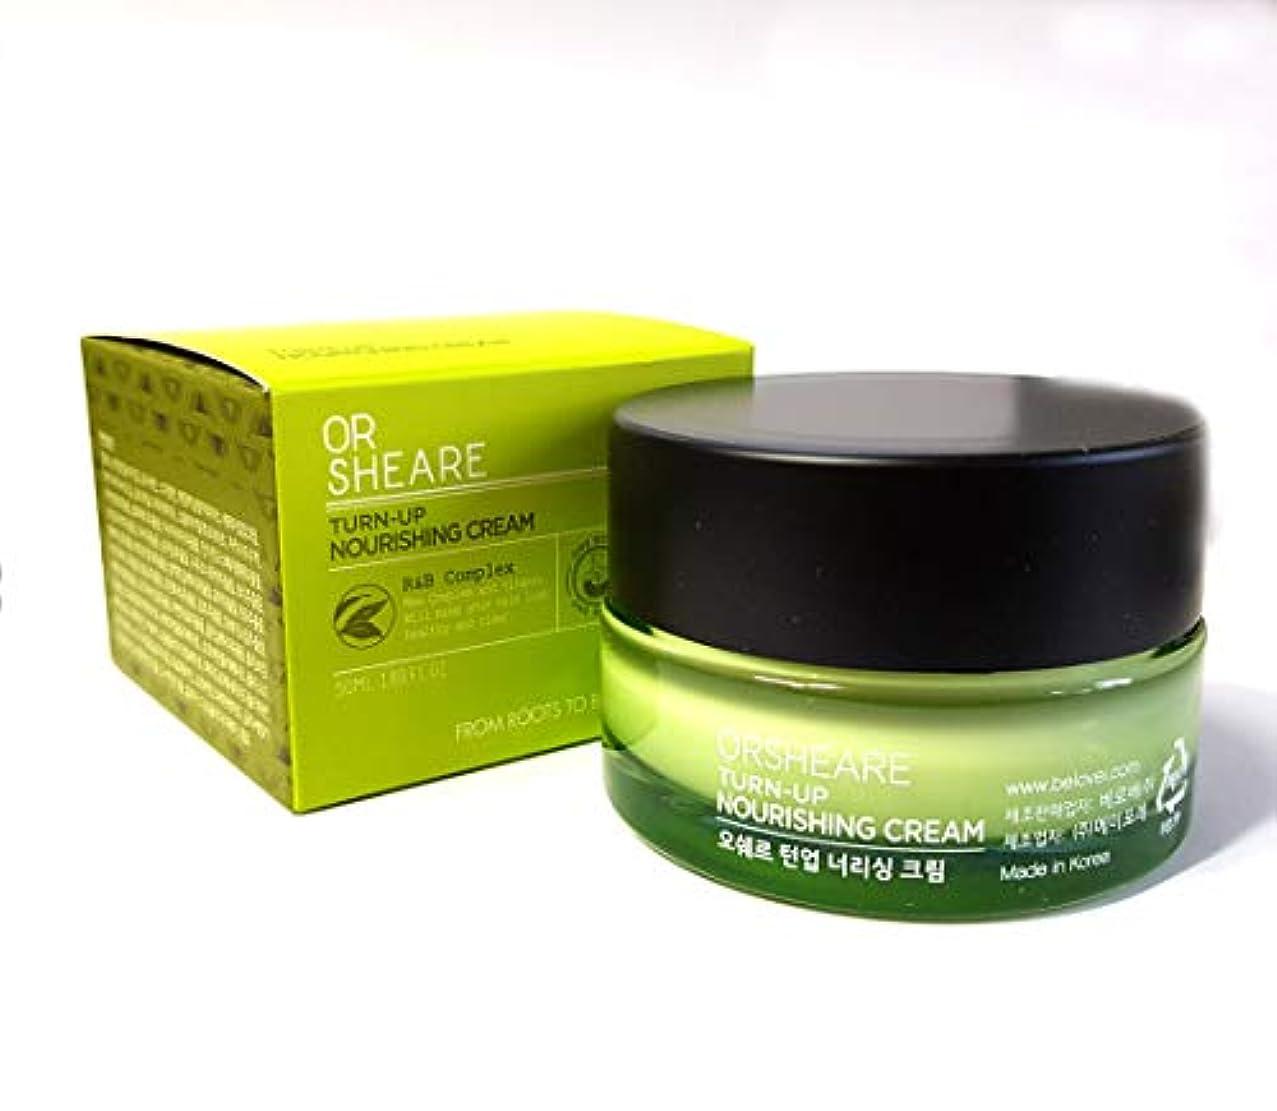 無意味うんざり教えて[OR SHEARE] トンオプ栄養クリーム50ml / Turn-up Nourishing Cream 50ml / 保湿、再生/Moisturizing,Revitalizing/韓国化粧品/Korean Cosmetics...